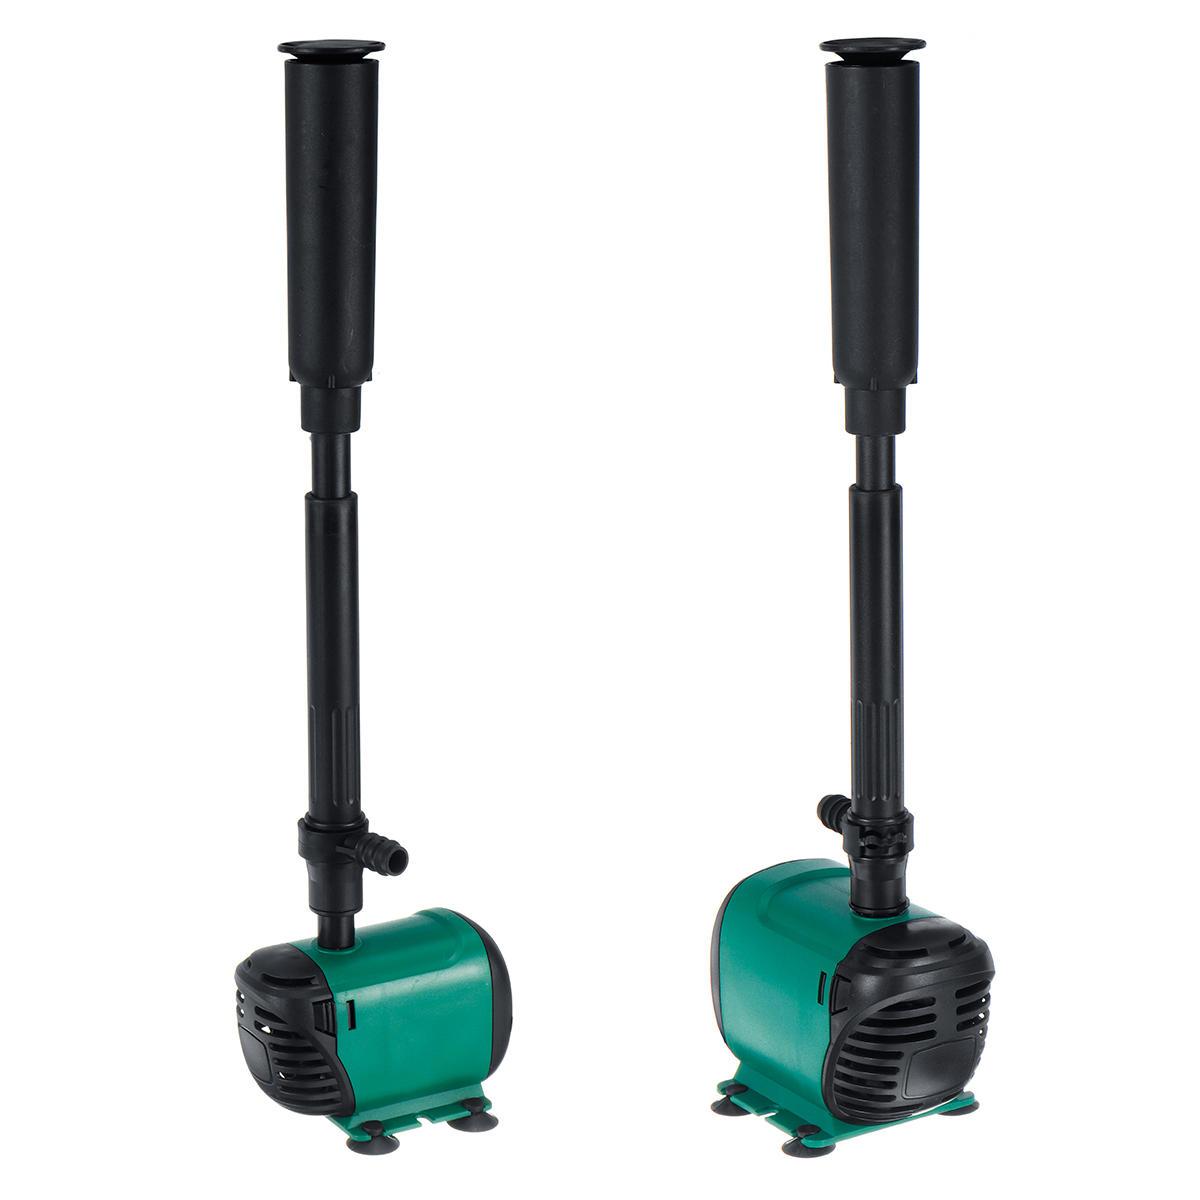 Pompa di acqua sommergibile da 8W / 14W Pompa da giardino per acquario Fontana di filtri per acquari Set 220V